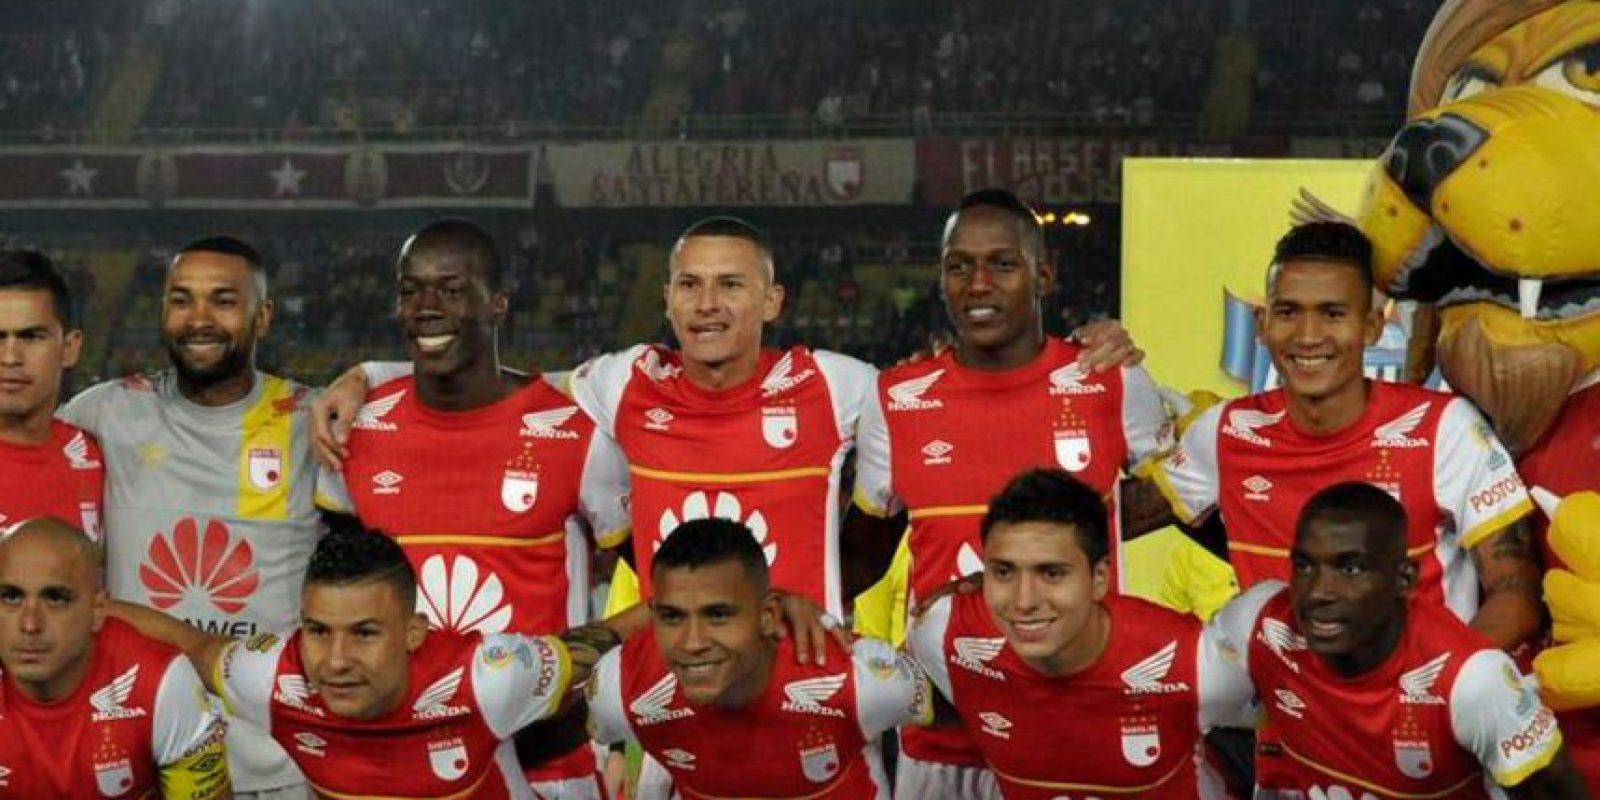 Santa Fe es el primer equipo que enfrentará Atlas en la Copa Libertadores 2015 Foto:Twitter